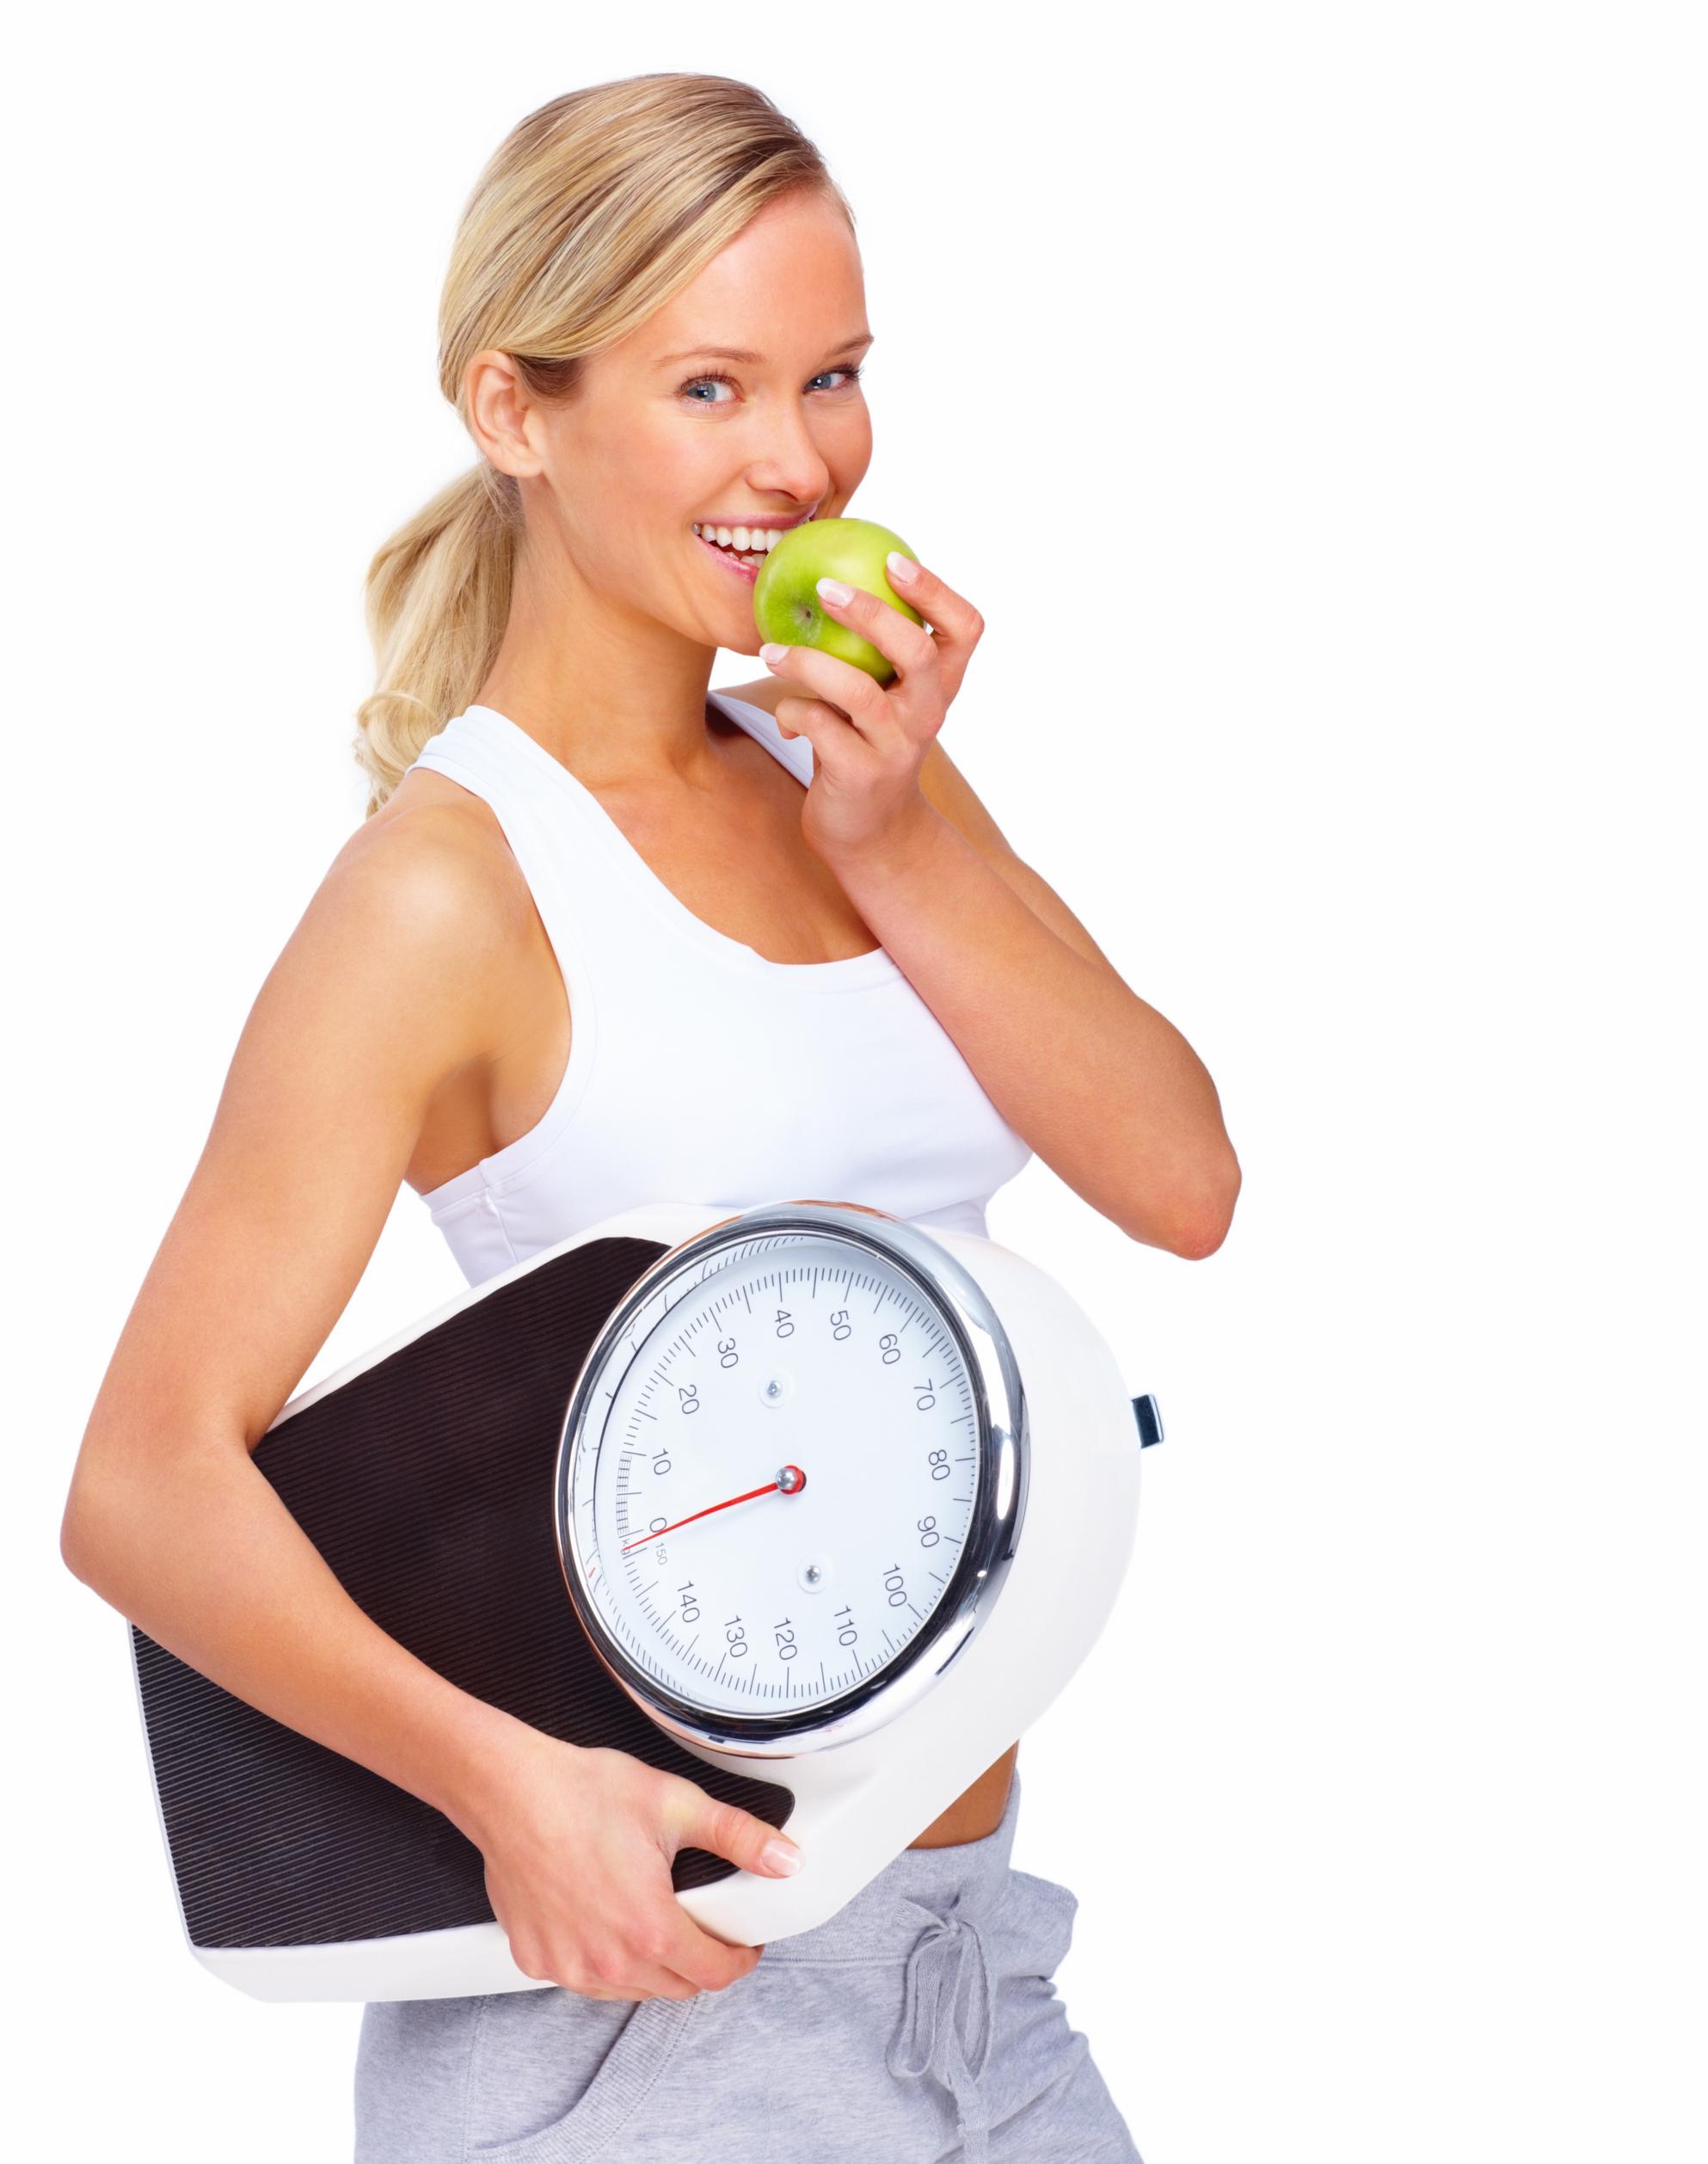 Как похудеть: Белковые завтраки для потери веса - Диеты и